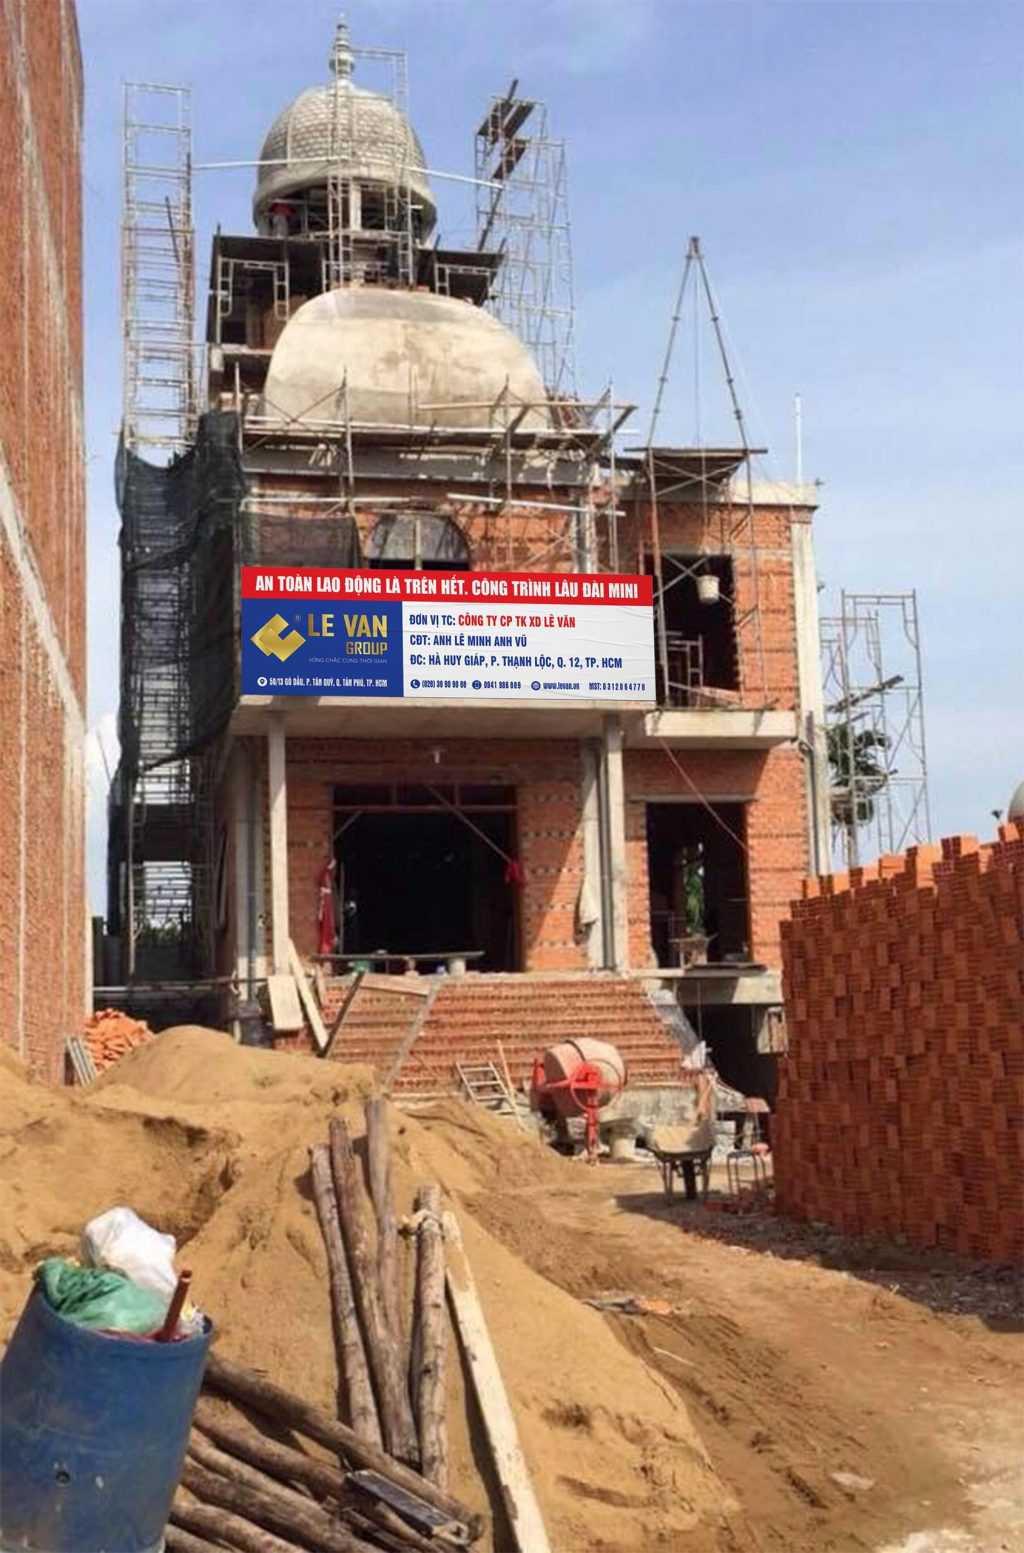 Công trình lâu đài mini anh Lê Minh Anh Vũ tại Quận 12